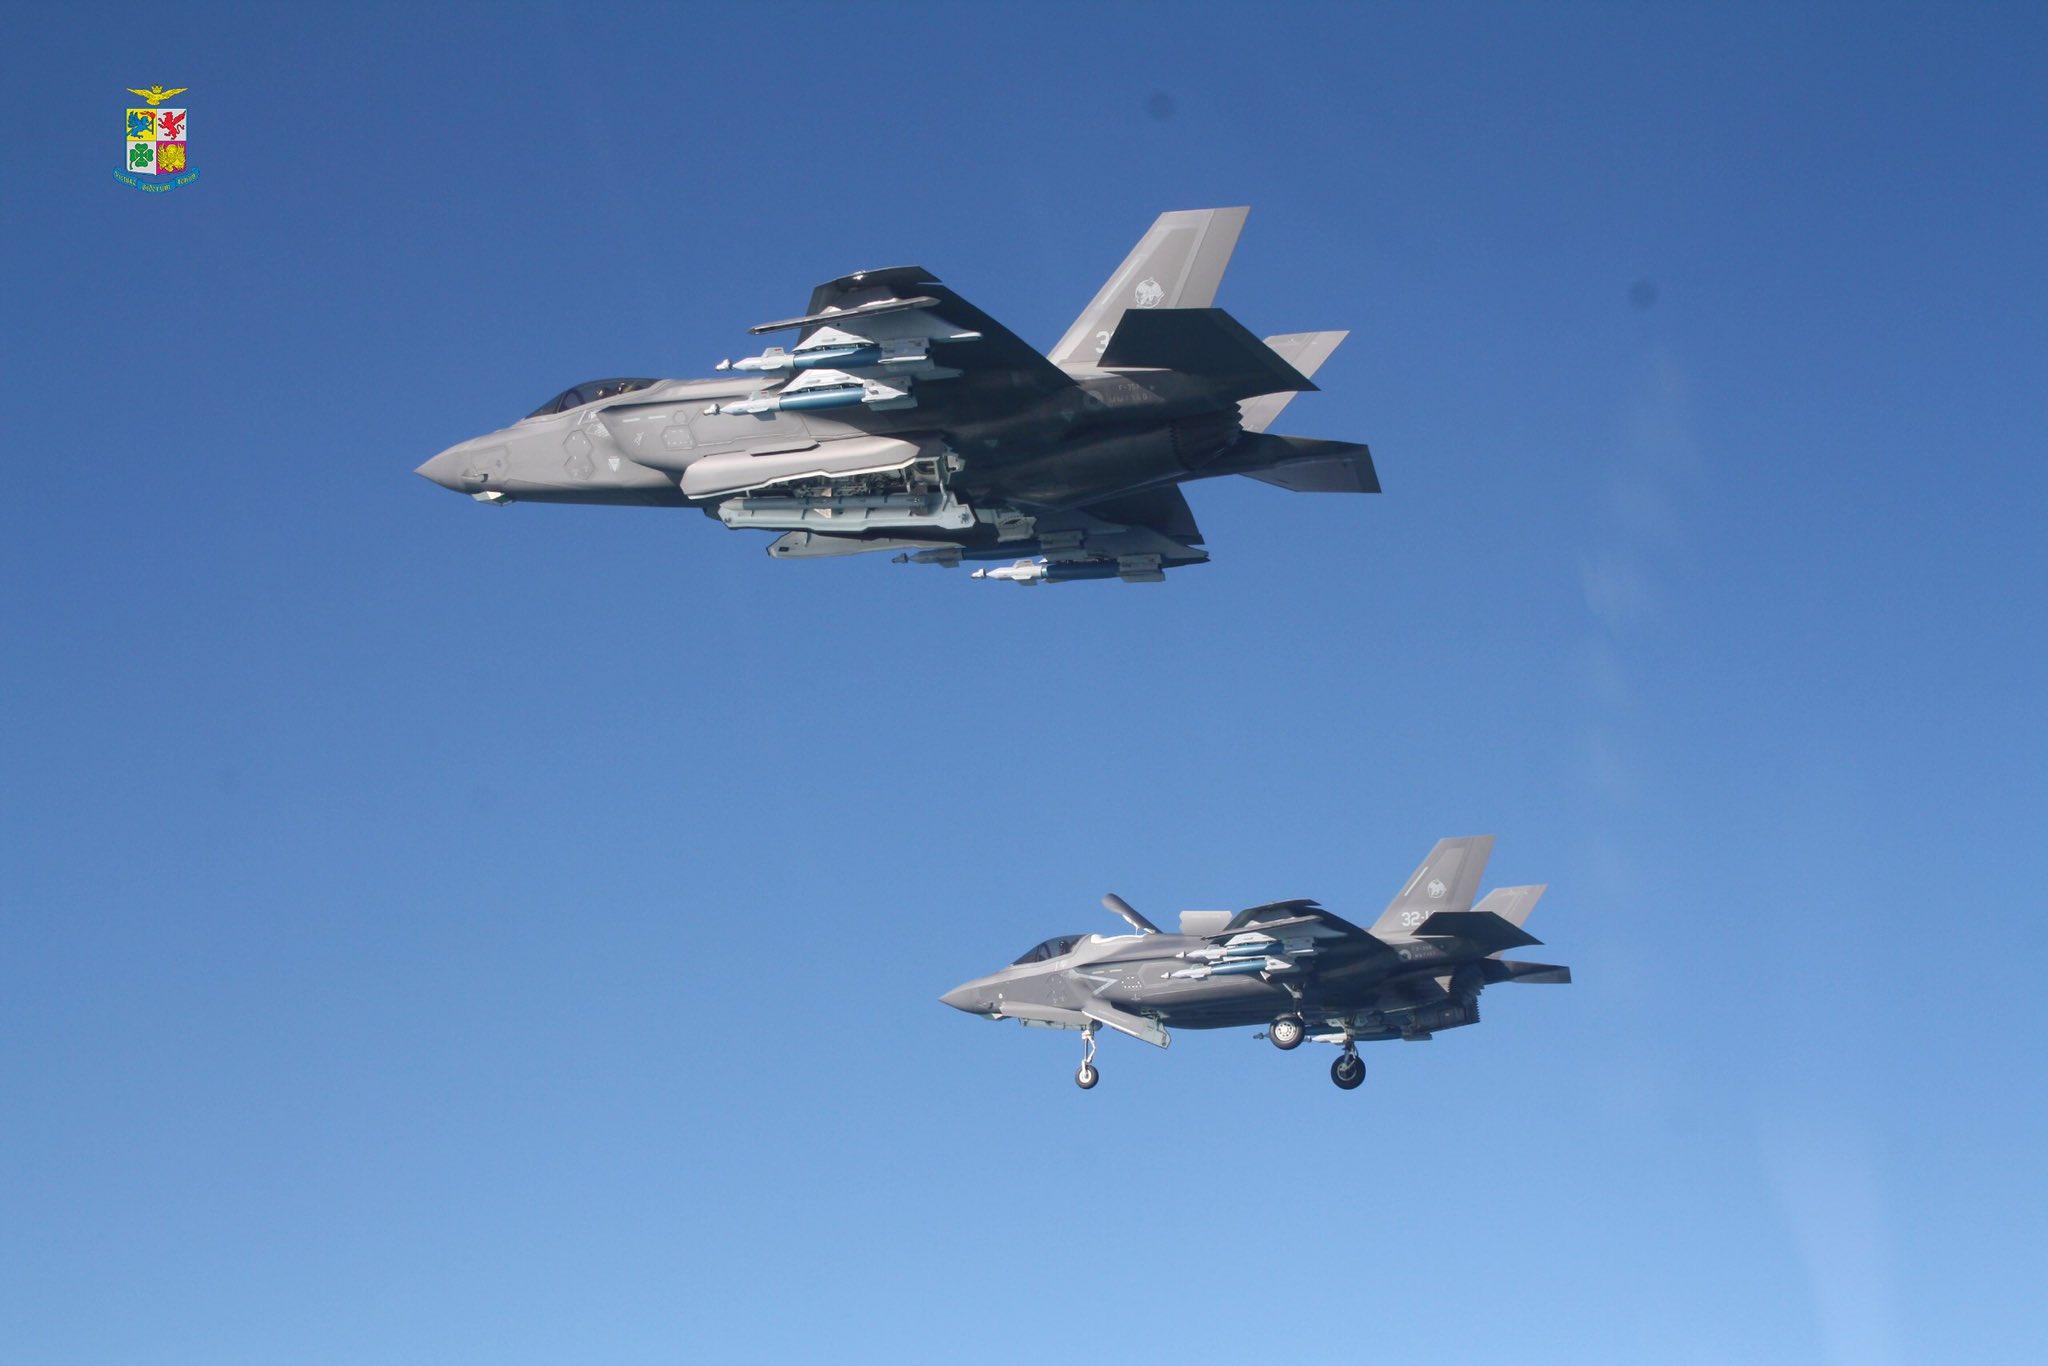 空軍がF-35AとF-35Bについて明らかにしたこと